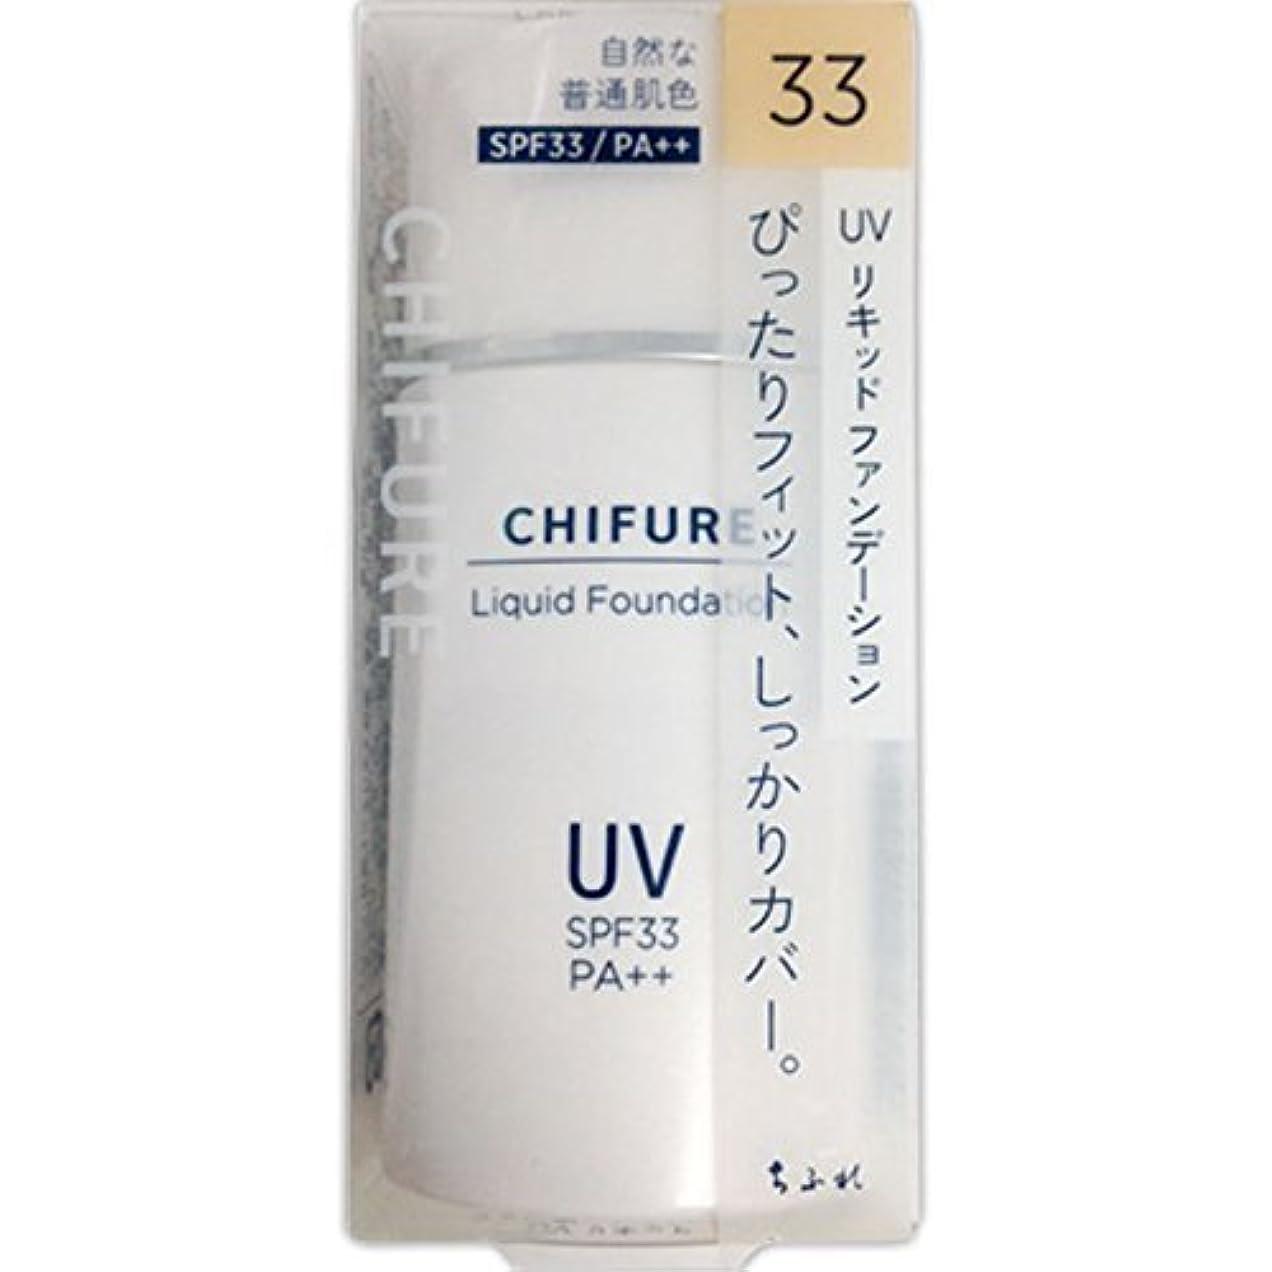 乏しい乏しい有毒なちふれ化粧品 UV リキッド ファンデーション 33 自然な普通肌色 30ML